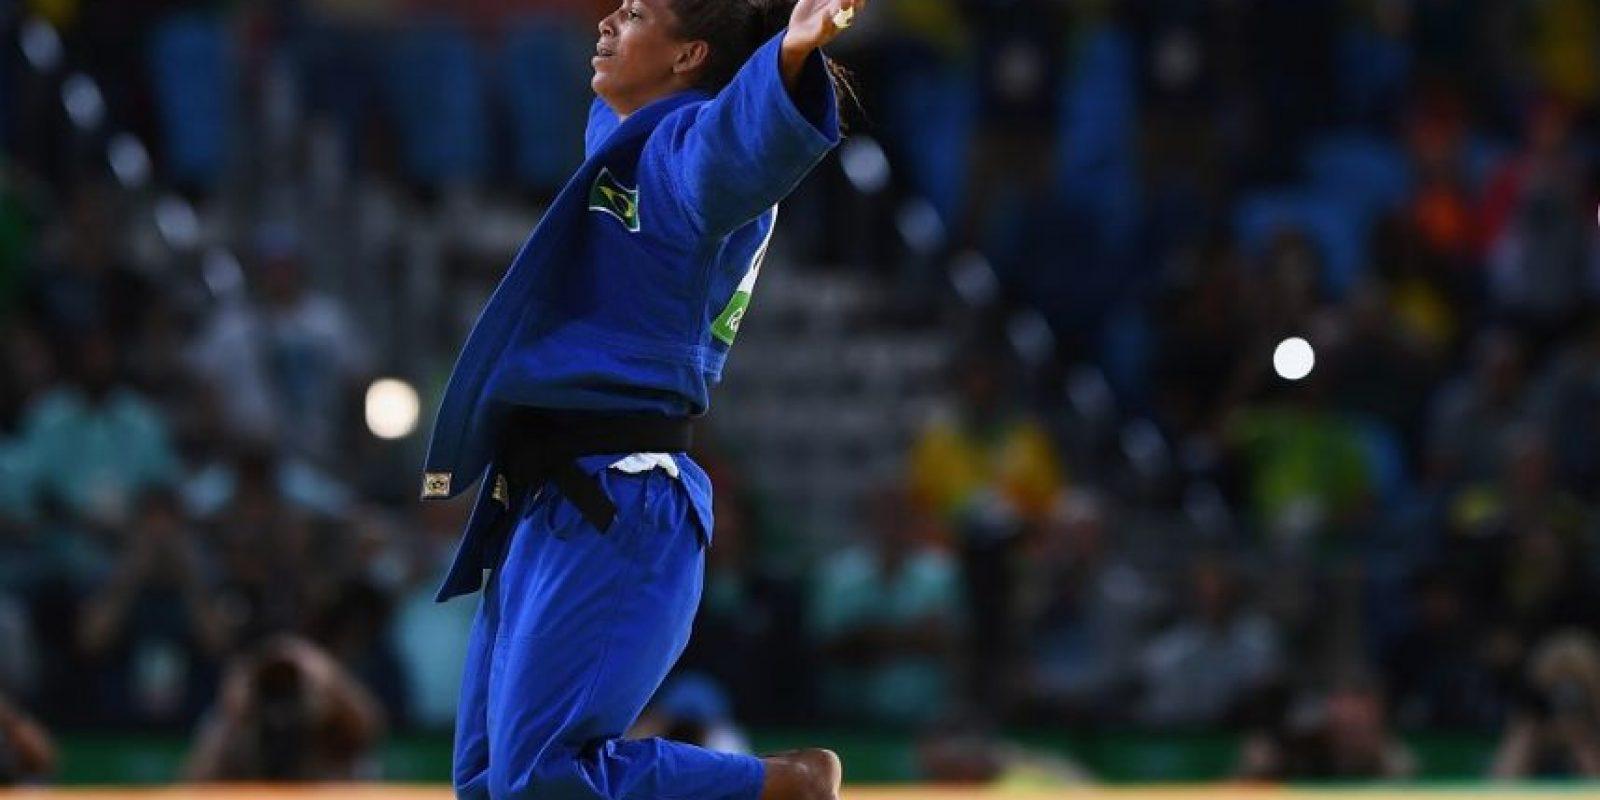 Rafaela alza los brazos tras ganar ayer. Las redes sociales explotaron con su actuación y sus seguidores subieron como espuma tras el oro olímpico. Foto:getty